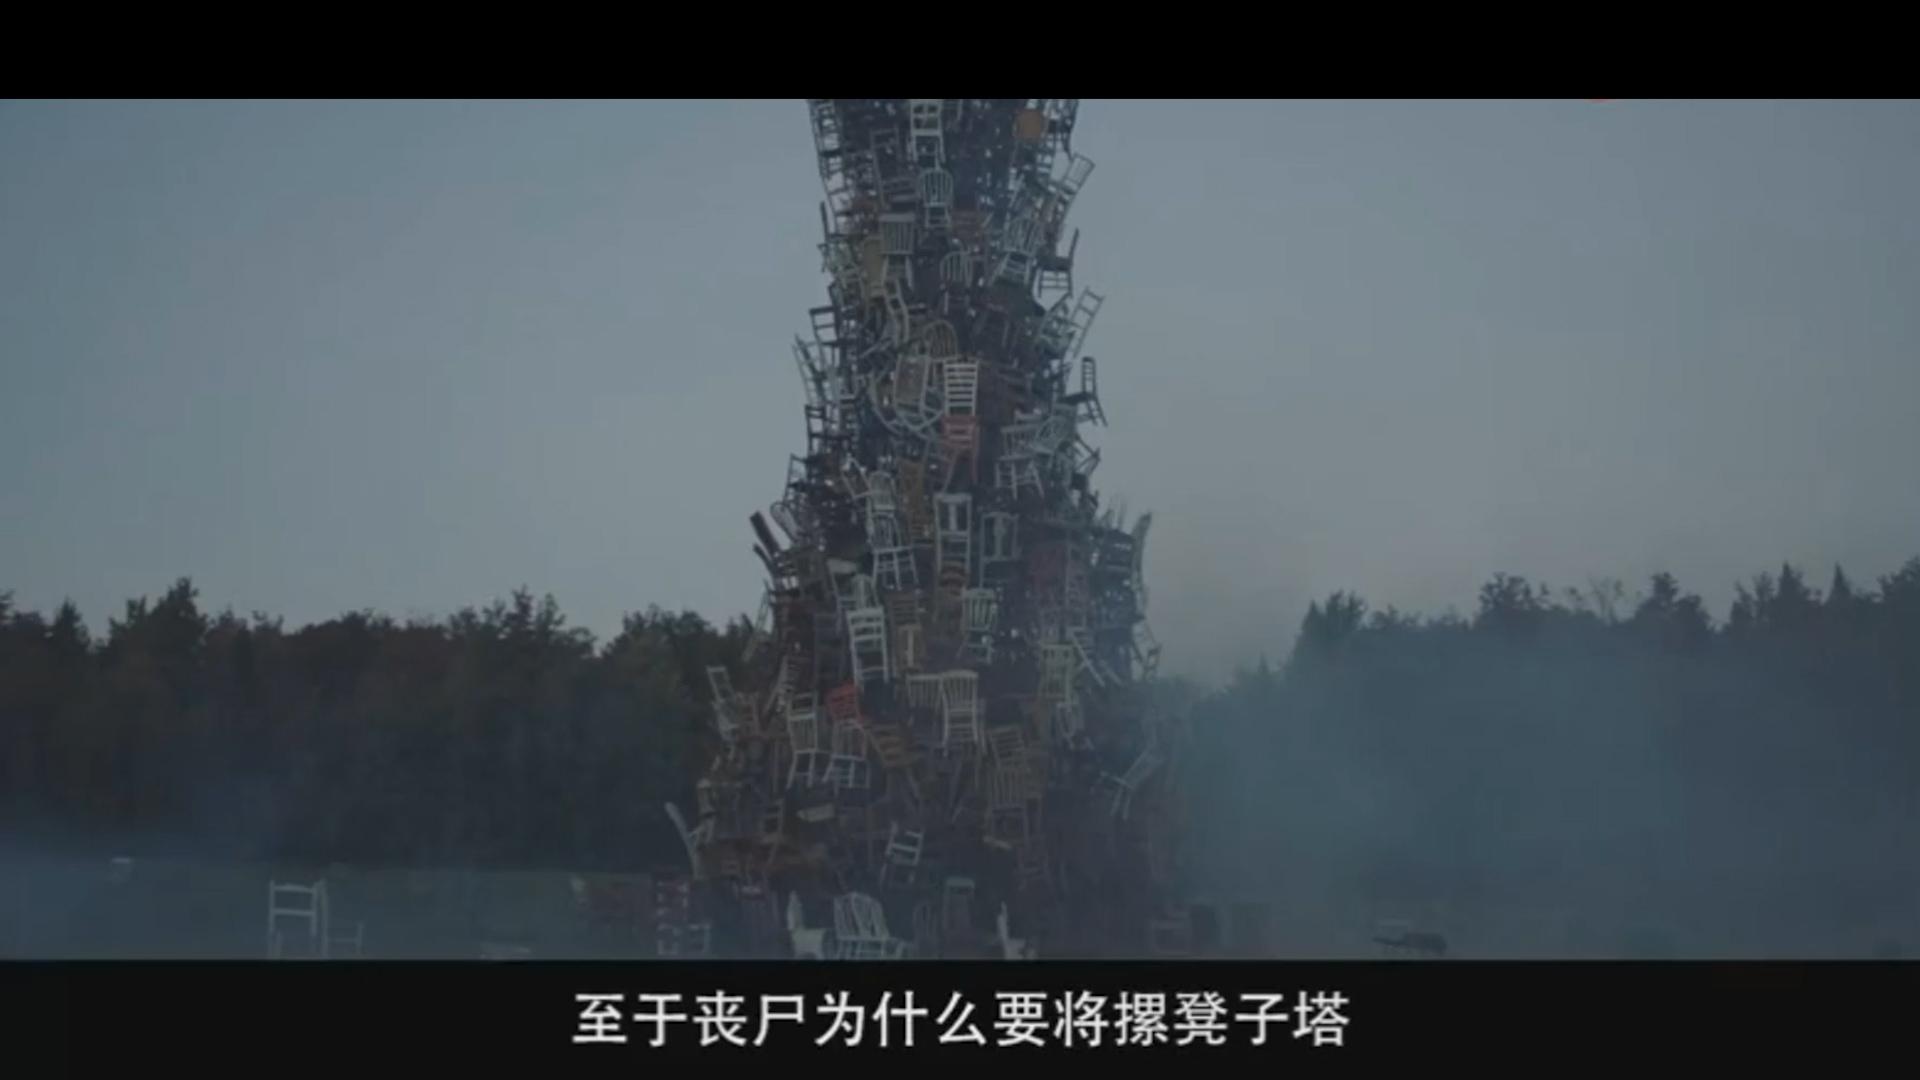 #惊悚看电影#文艺惊悚电影,丧尸竟合力用桌椅堆起天梯,鬼知道在想些什么